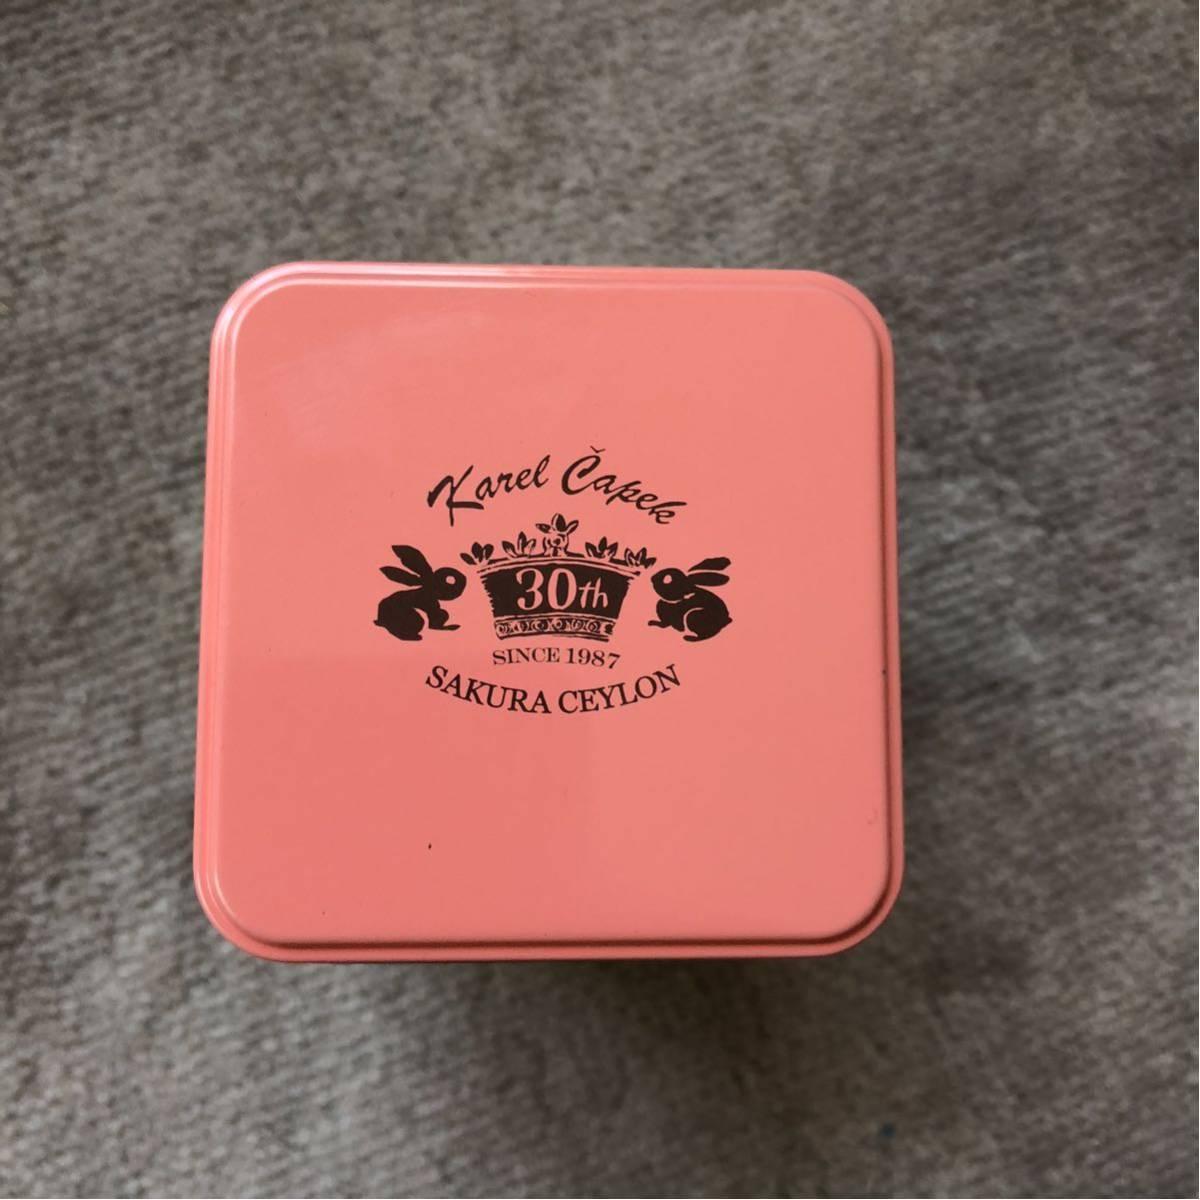 ★カレルチャペック紅茶店の可愛い紅茶空き缶ピンク桜柄★_画像5